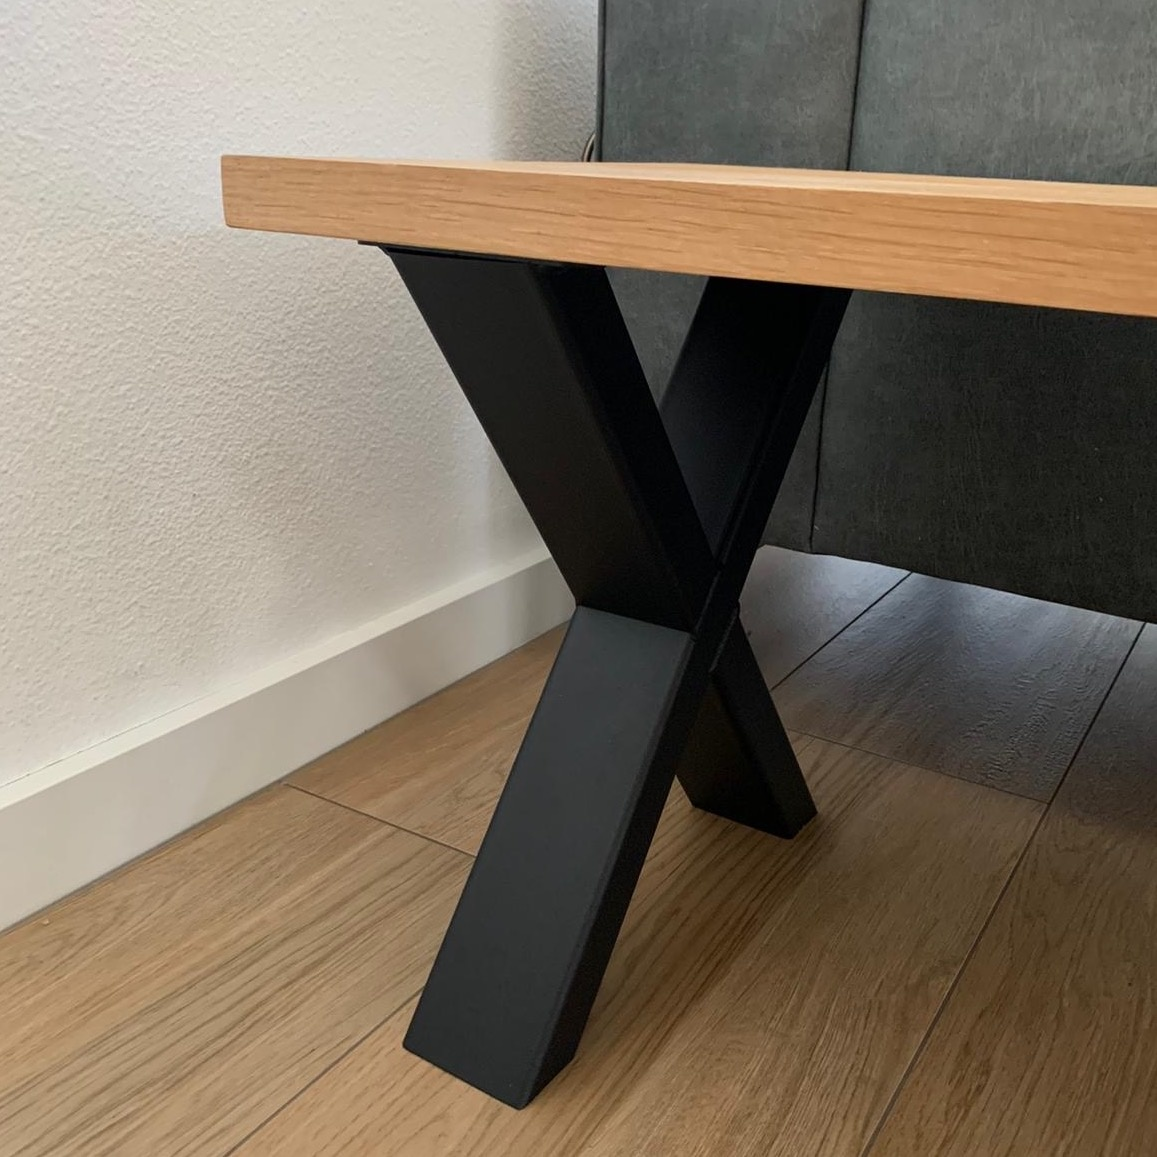 Bankbeine X Metall elegant SET (2 Stück) - 8x4 cm - 36 cm breit - 42 cm hoch - X-form Bankgestell / Tischbeine Couchtisch beschichtet - Schwarz, Anthrazit & Weiß